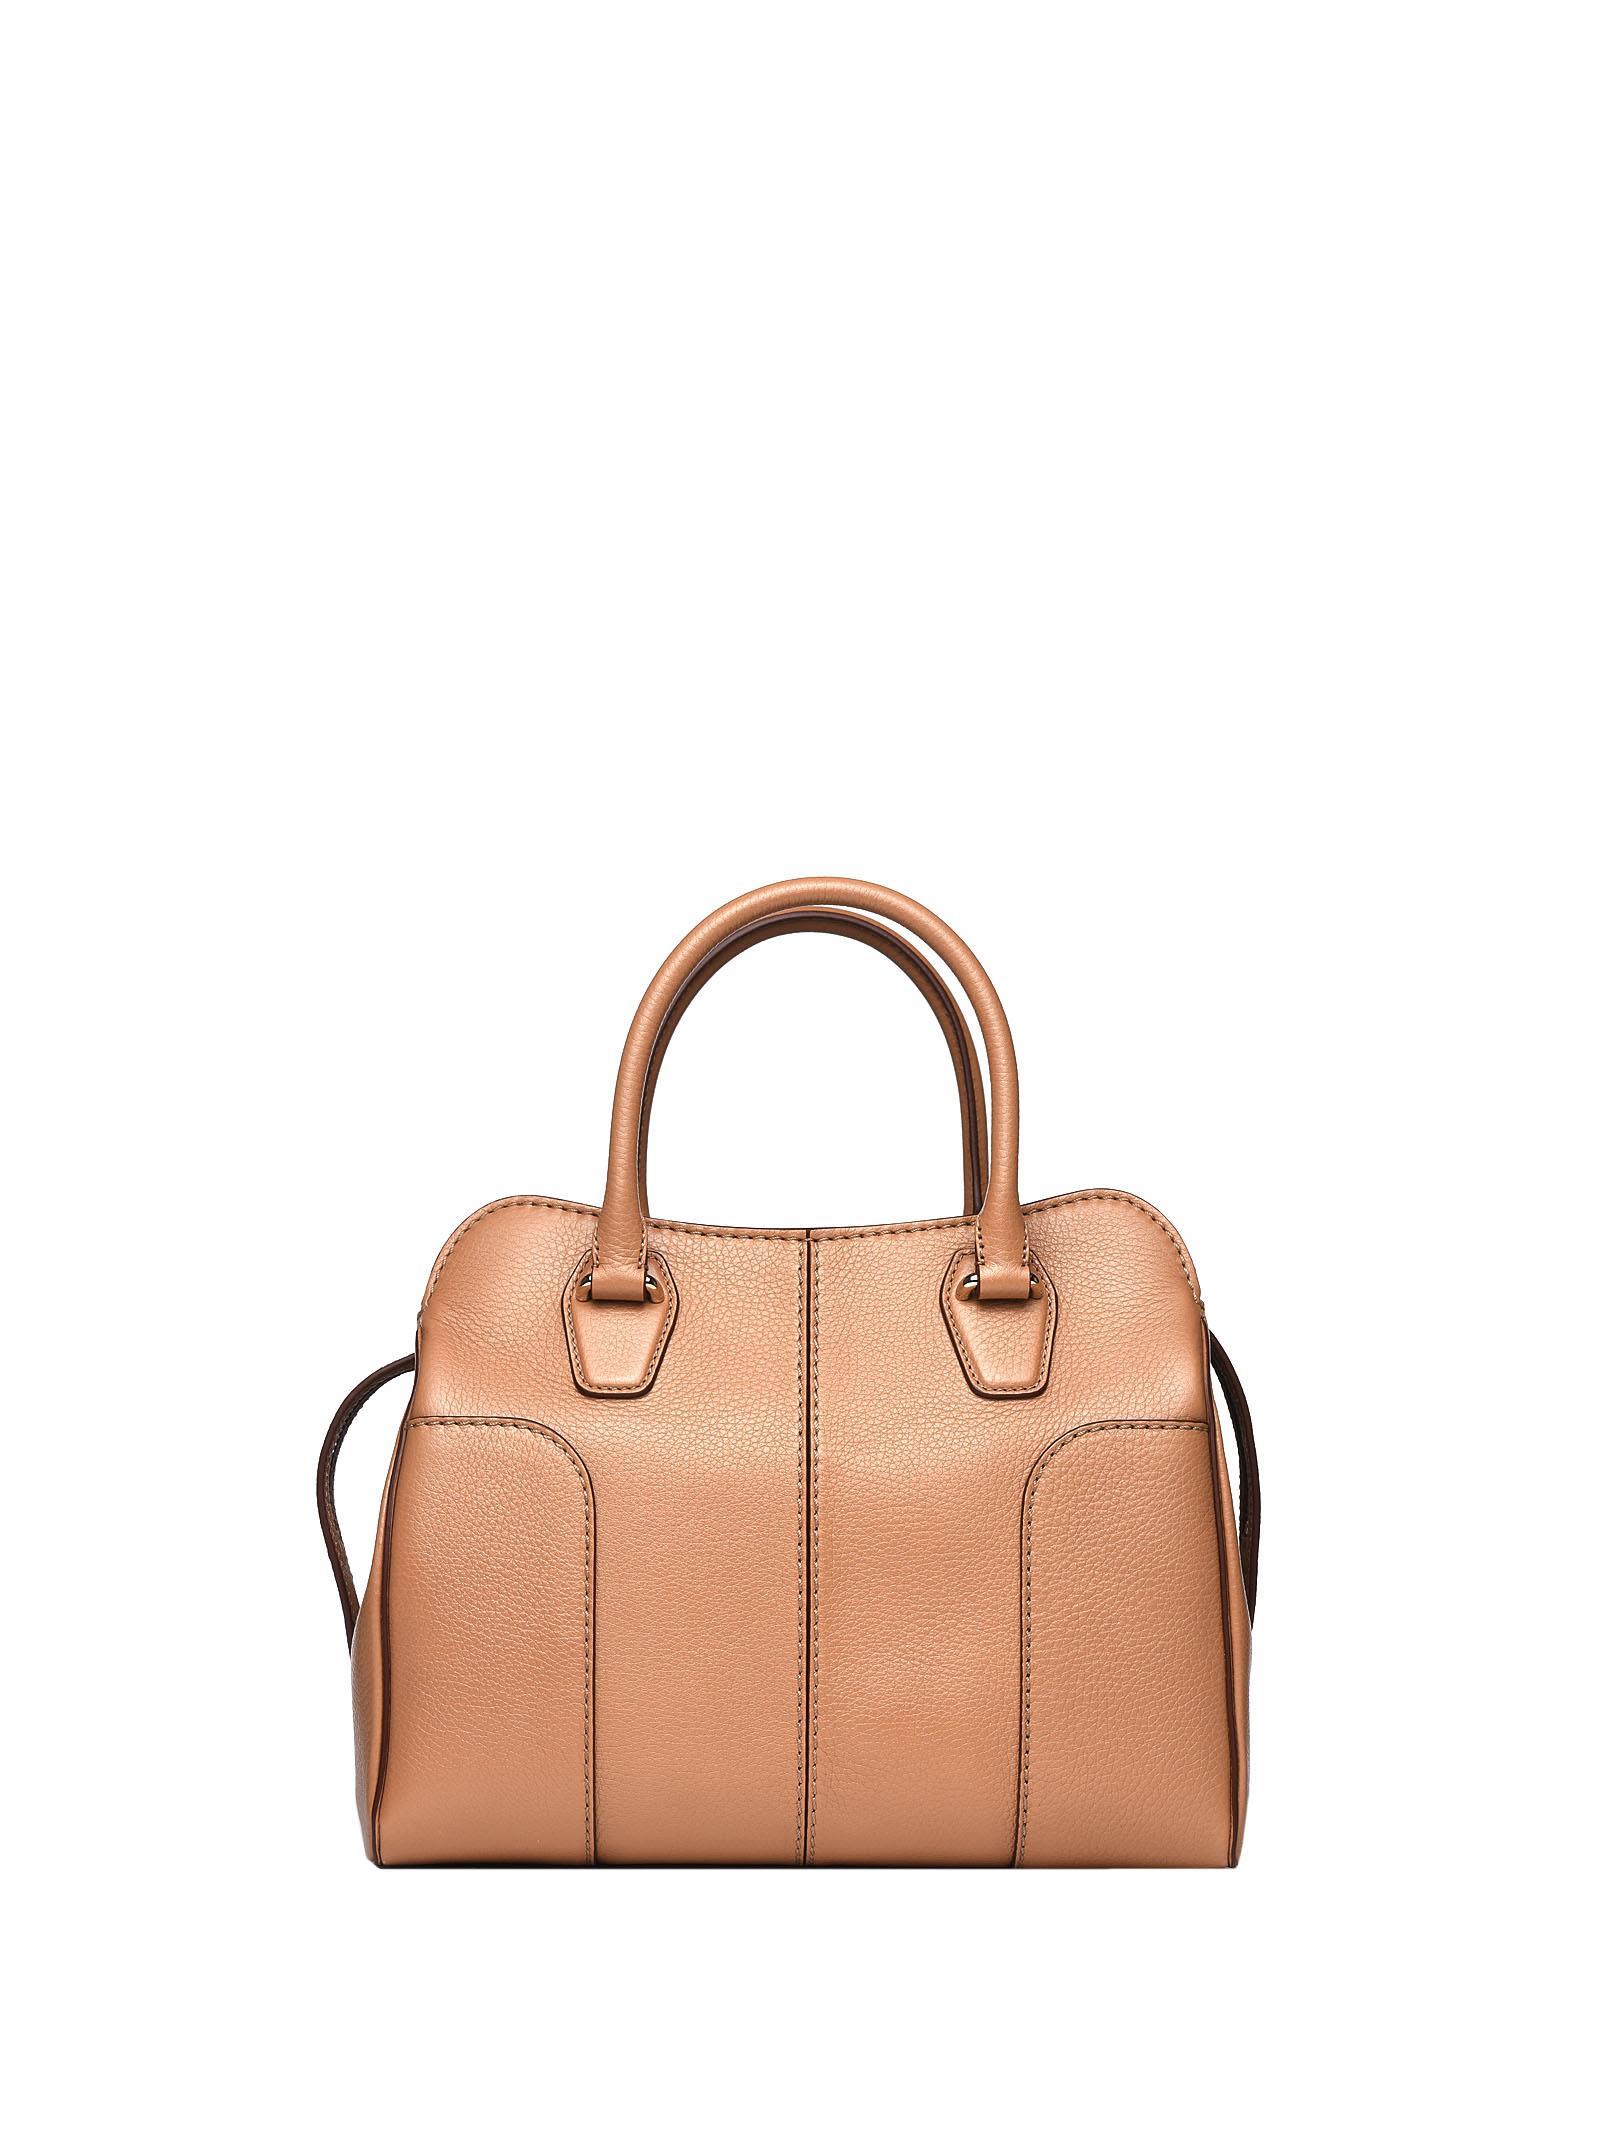 Sella Handle Bag In Light Tobacco Leather, Tabacco Chiaro